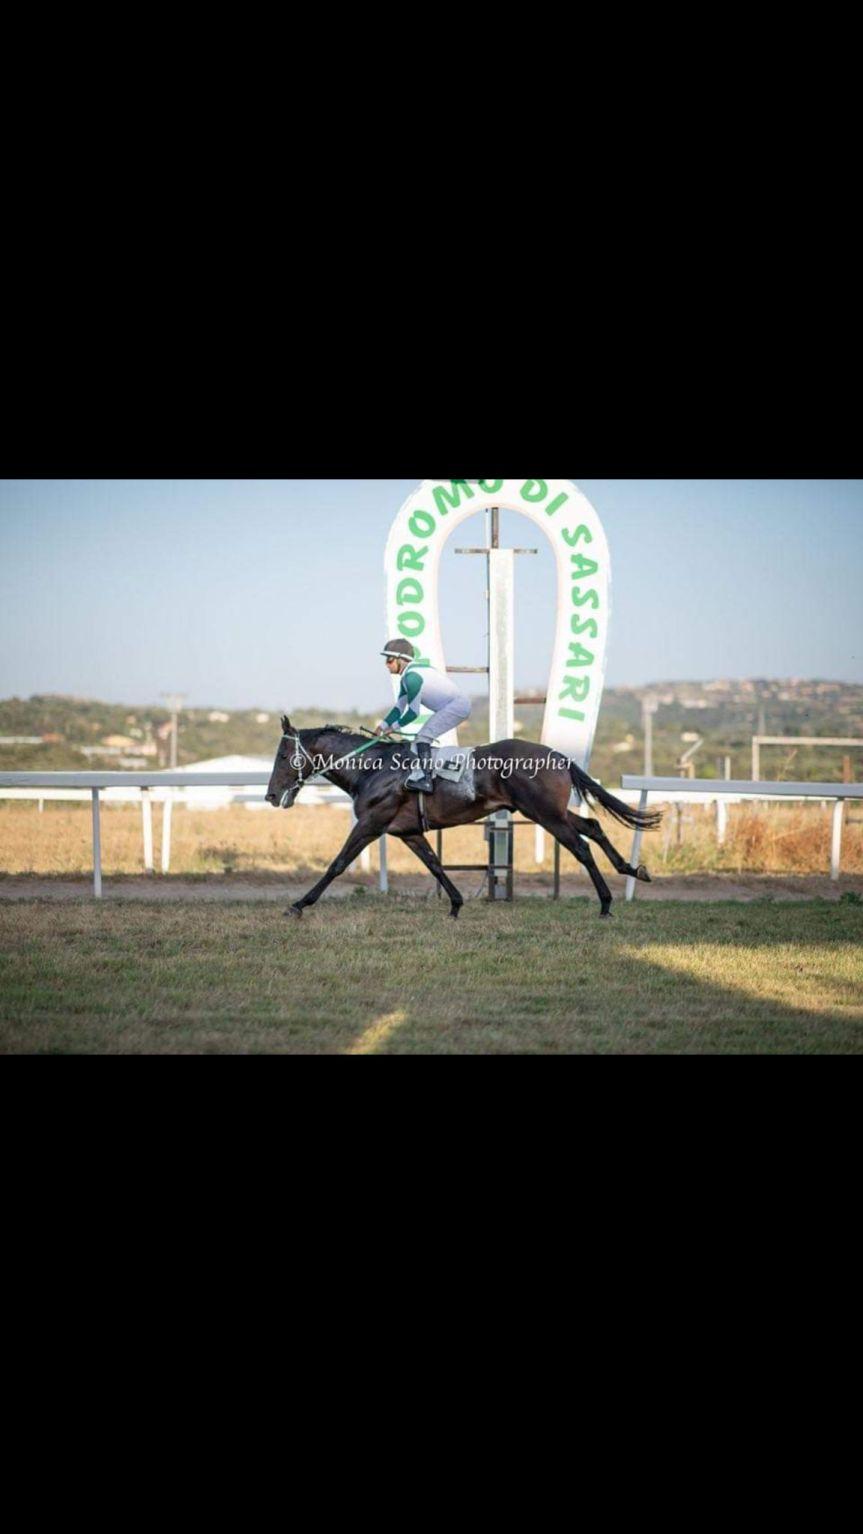 Ippica: E' stato acquistato il cavallo Assalto e portato alla Scuderia di VincenzoTurco